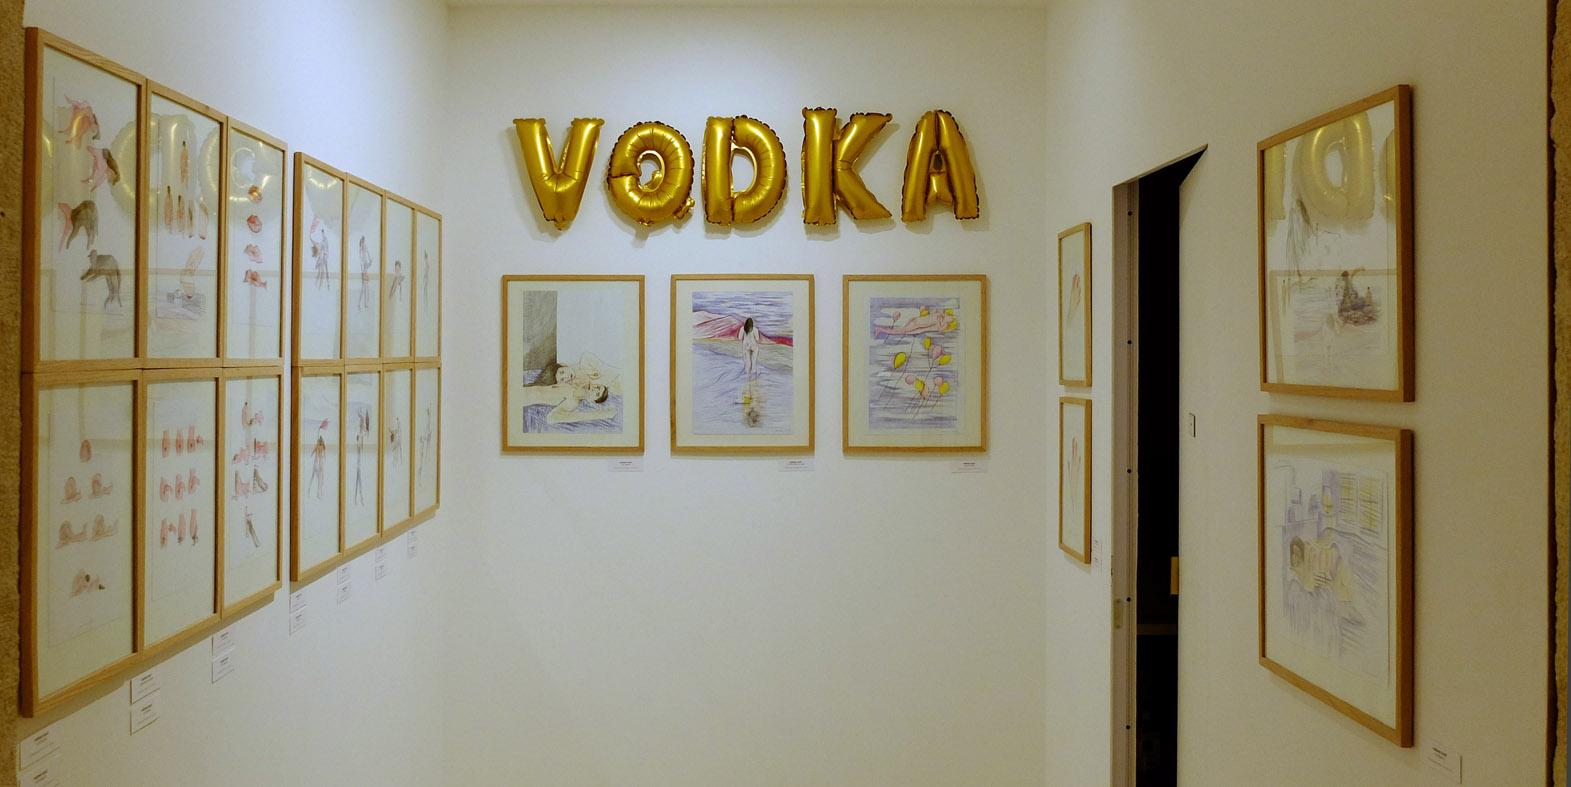 la belle illustration no mie chust exposition vodka et plus galerie xiiix jusqu 39 au 31 d cembre. Black Bedroom Furniture Sets. Home Design Ideas